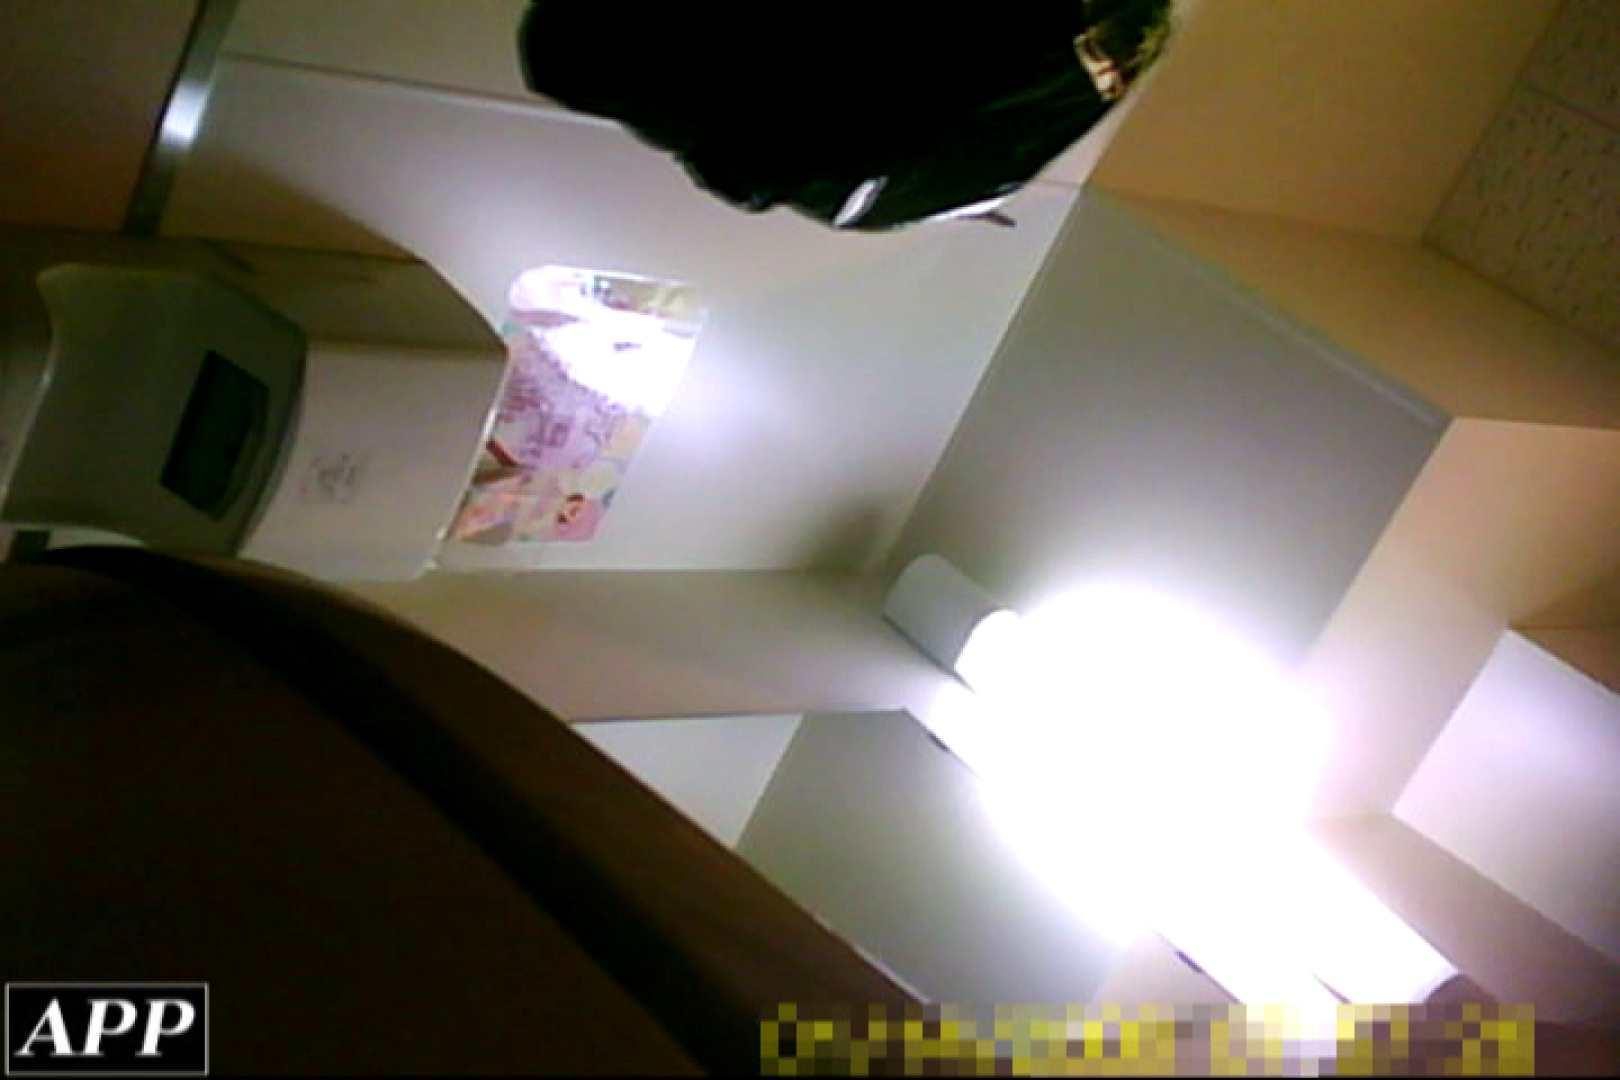 3視点洗面所 vol.73 オマンコ・ぱっくり セックス画像 33画像 13